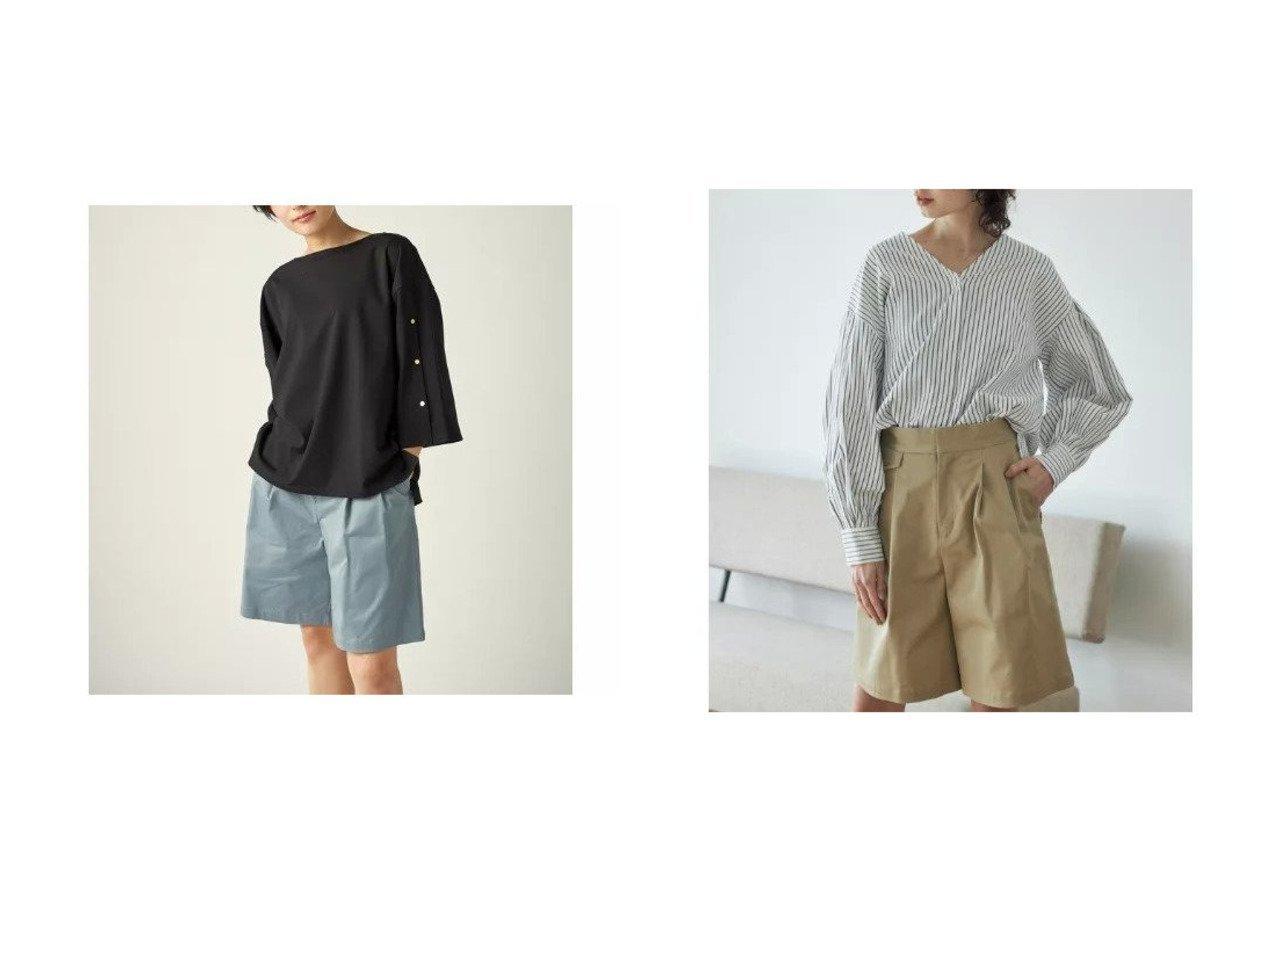 【CLEAR IMPRESSION/クリアインプレッション】の《musee》コットンツイルショートパンツ パンツのおすすめ!人気、トレンド・レディースファッションの通販 おすすめで人気の流行・トレンド、ファッションの通販商品 メンズファッション・キッズファッション・インテリア・家具・レディースファッション・服の通販 founy(ファニー) https://founy.com/ ファッション Fashion レディースファッション WOMEN パンツ Pants ハーフ / ショートパンツ Short Pants カッティング ショート ベーシック ポケット |ID:crp329100000023226